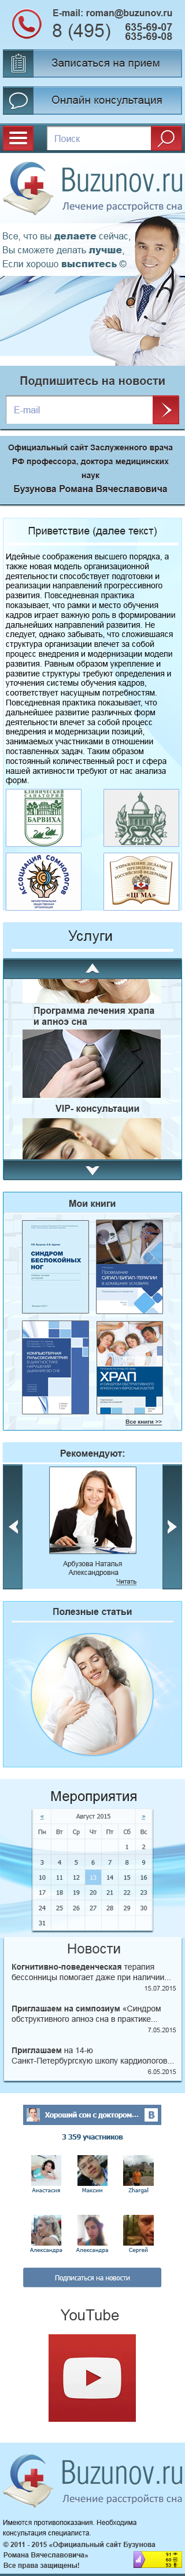 Дизайн сайта Buzunov.ru и мобильная версия